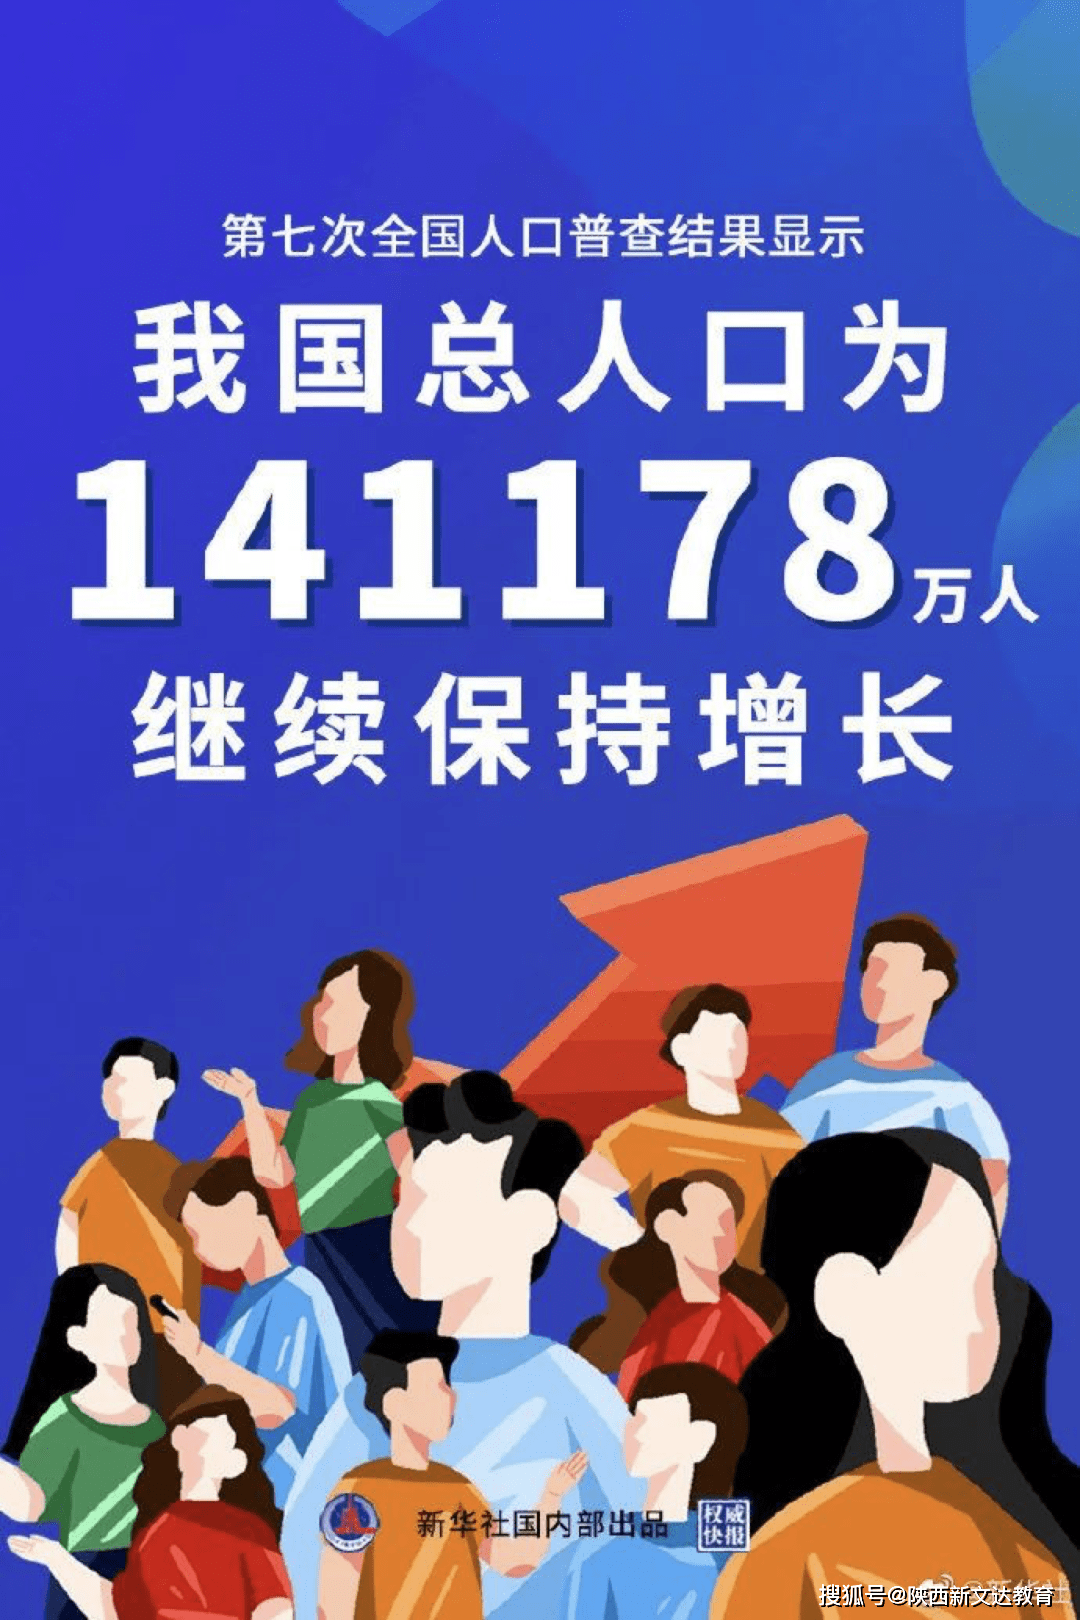 2019全国人口普查_全国人口普查结果已公布房地产行业未来可期